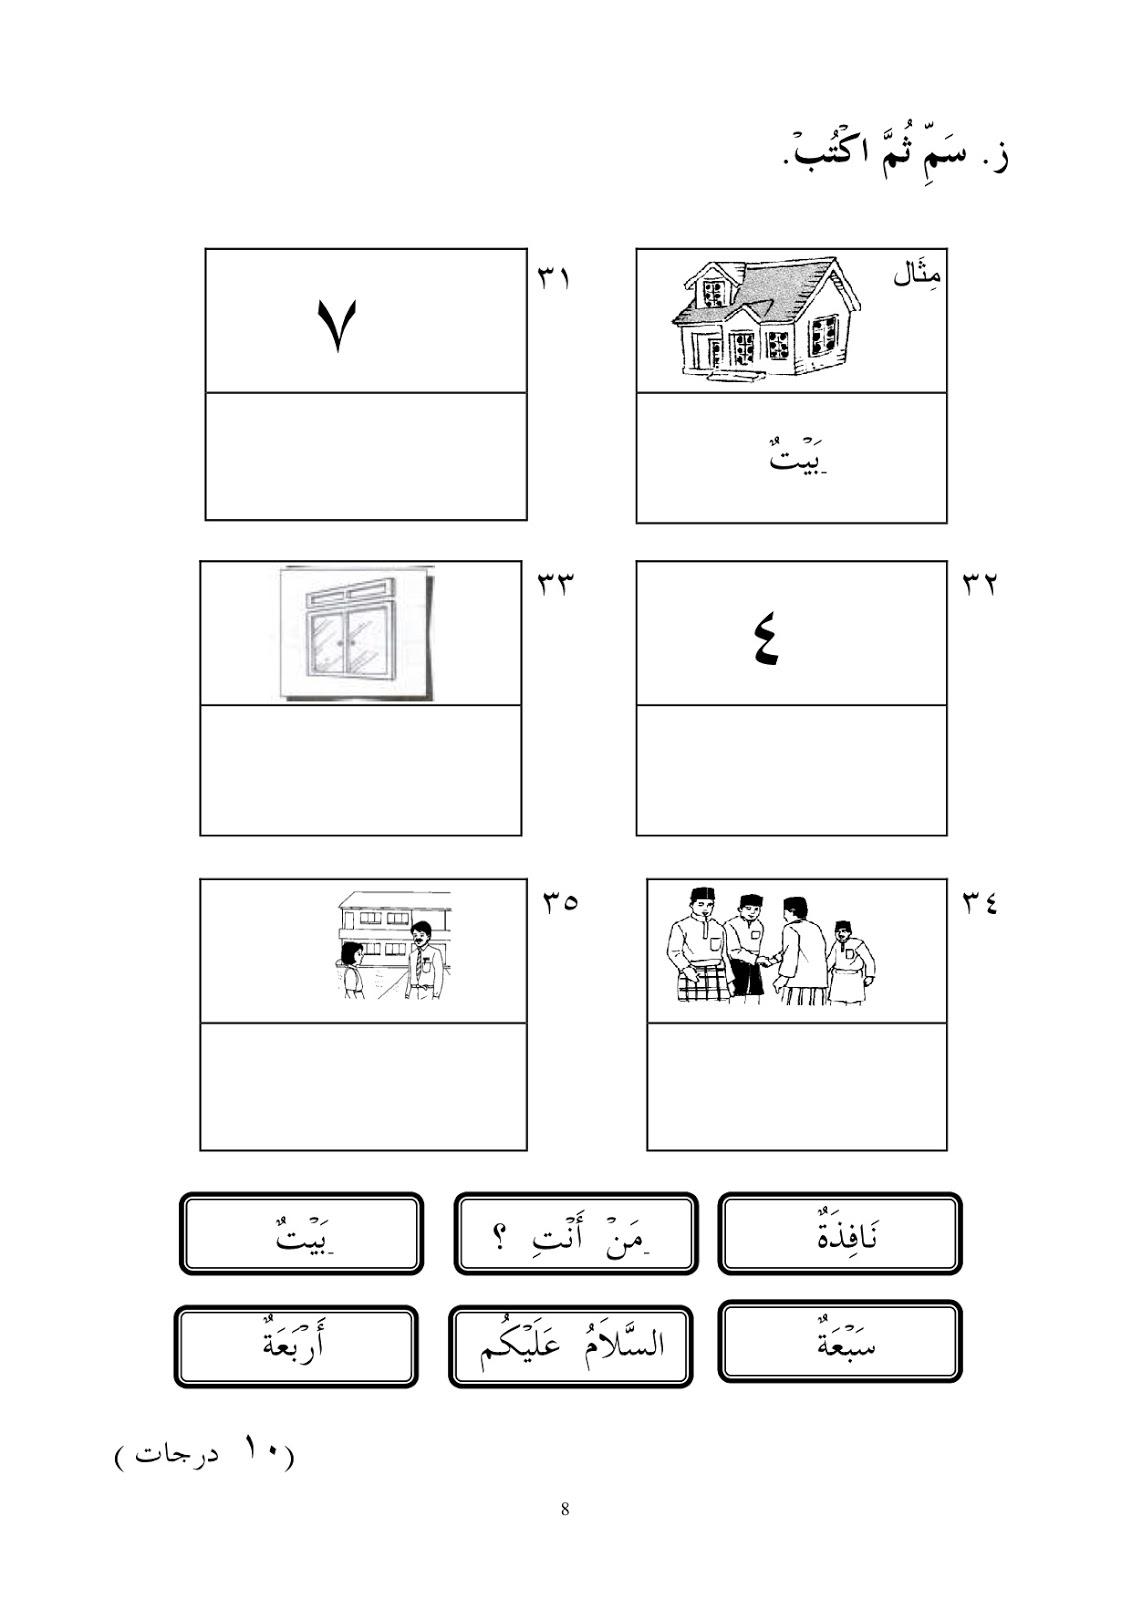 Soalan Bahasa Arab Dan Jawi 2019 Kerja Kosk